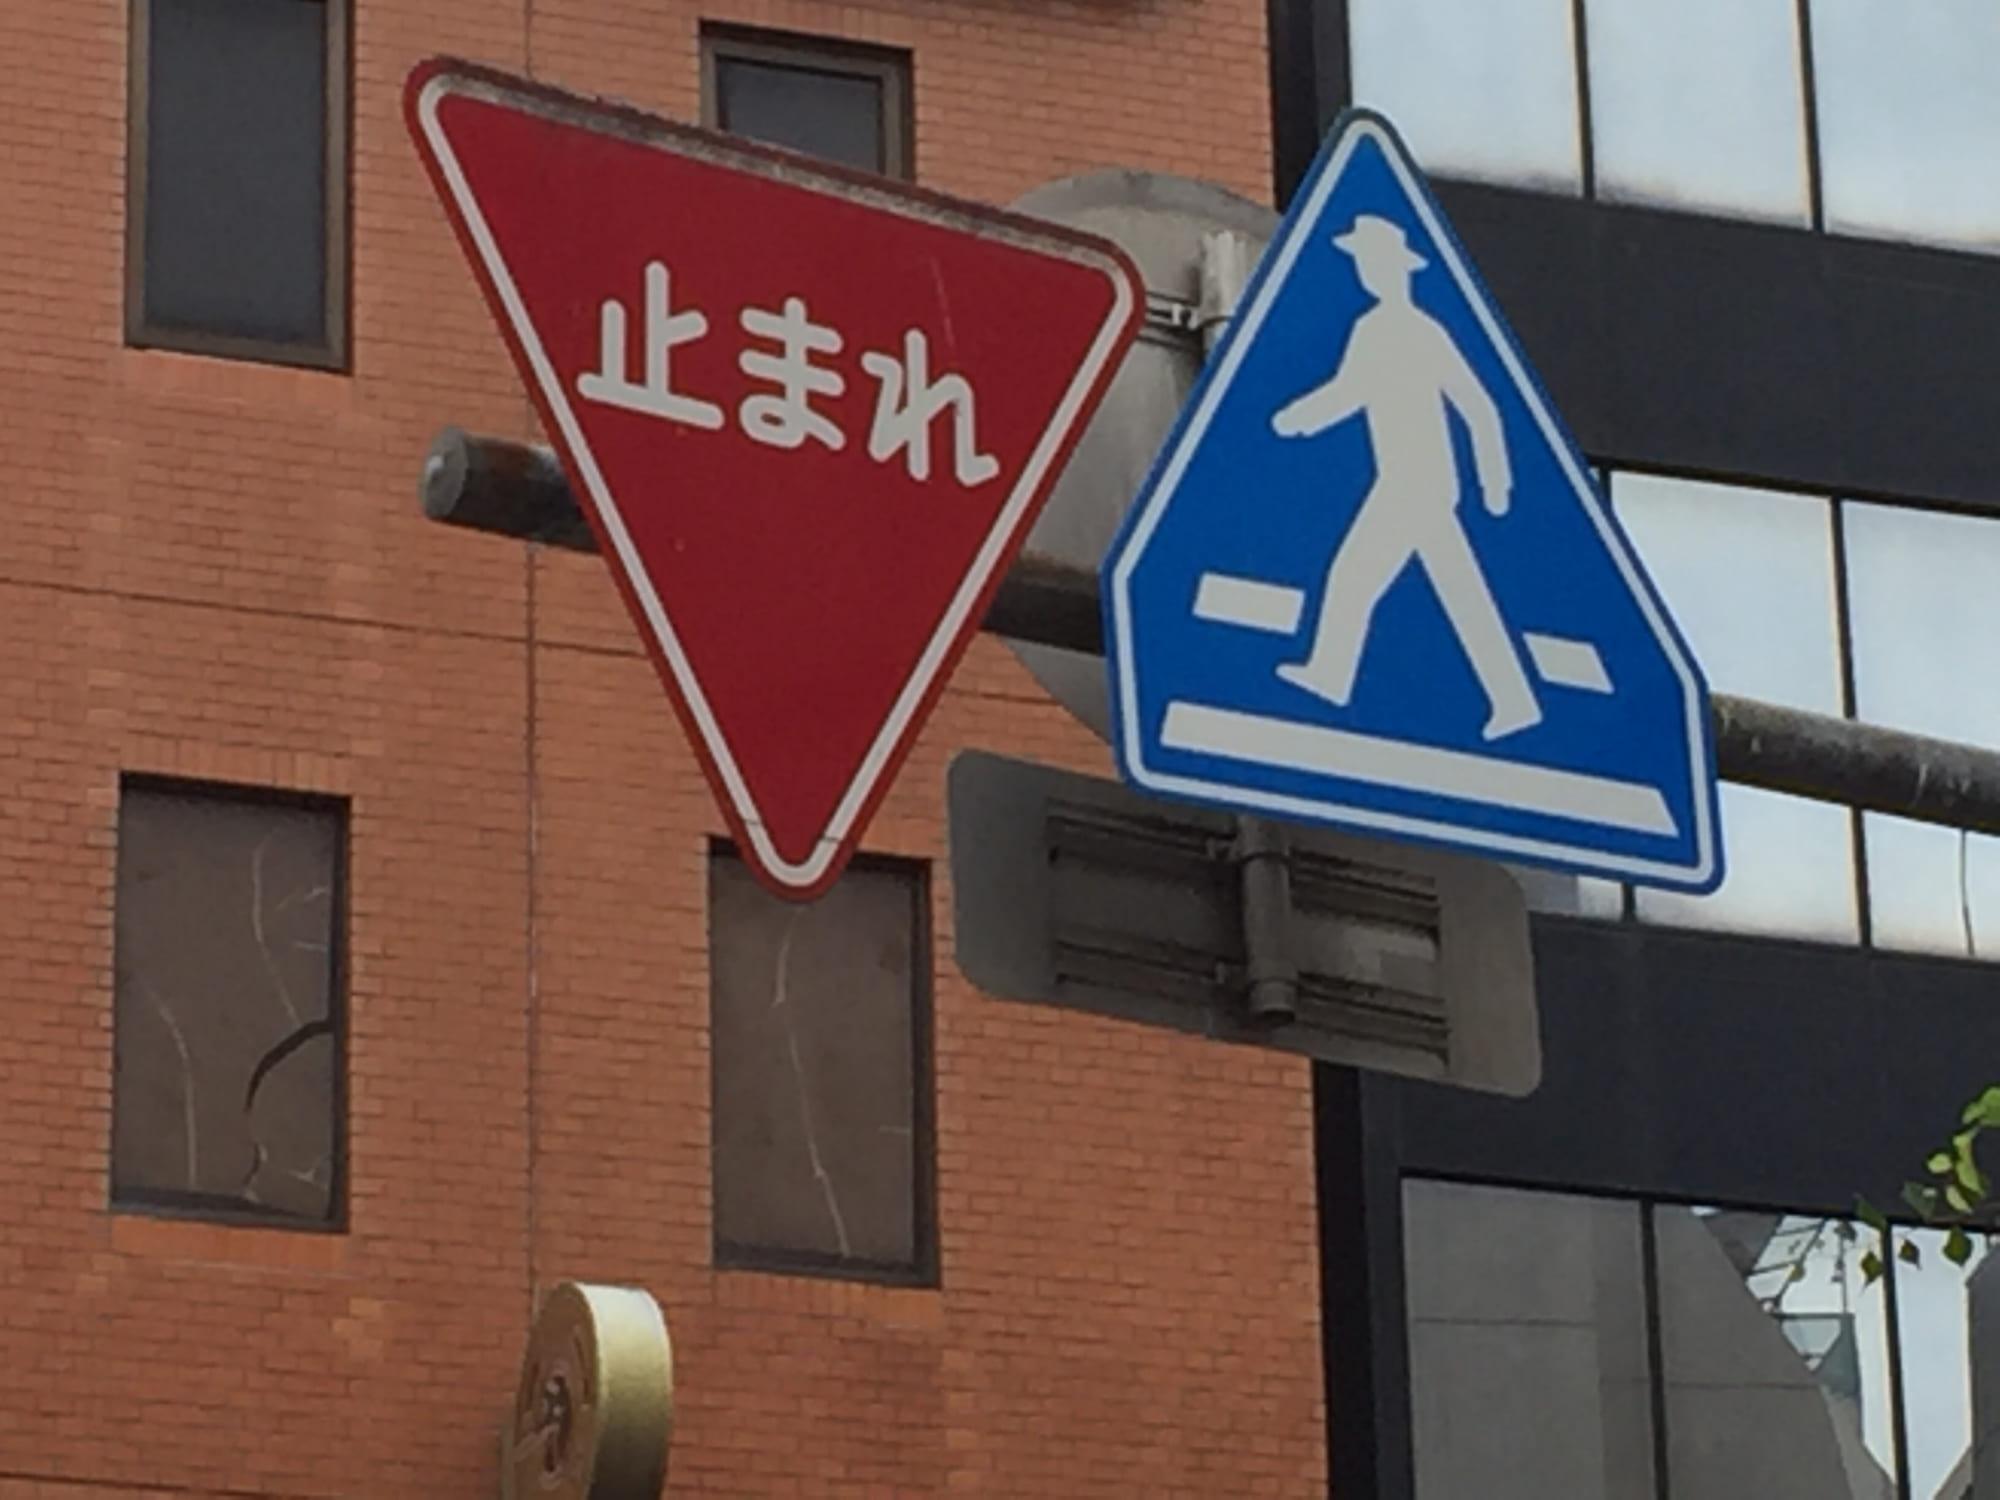 Tìm hiểu các biển báo và chỉ dẫn thường thấy trên đường phố Nhật ...